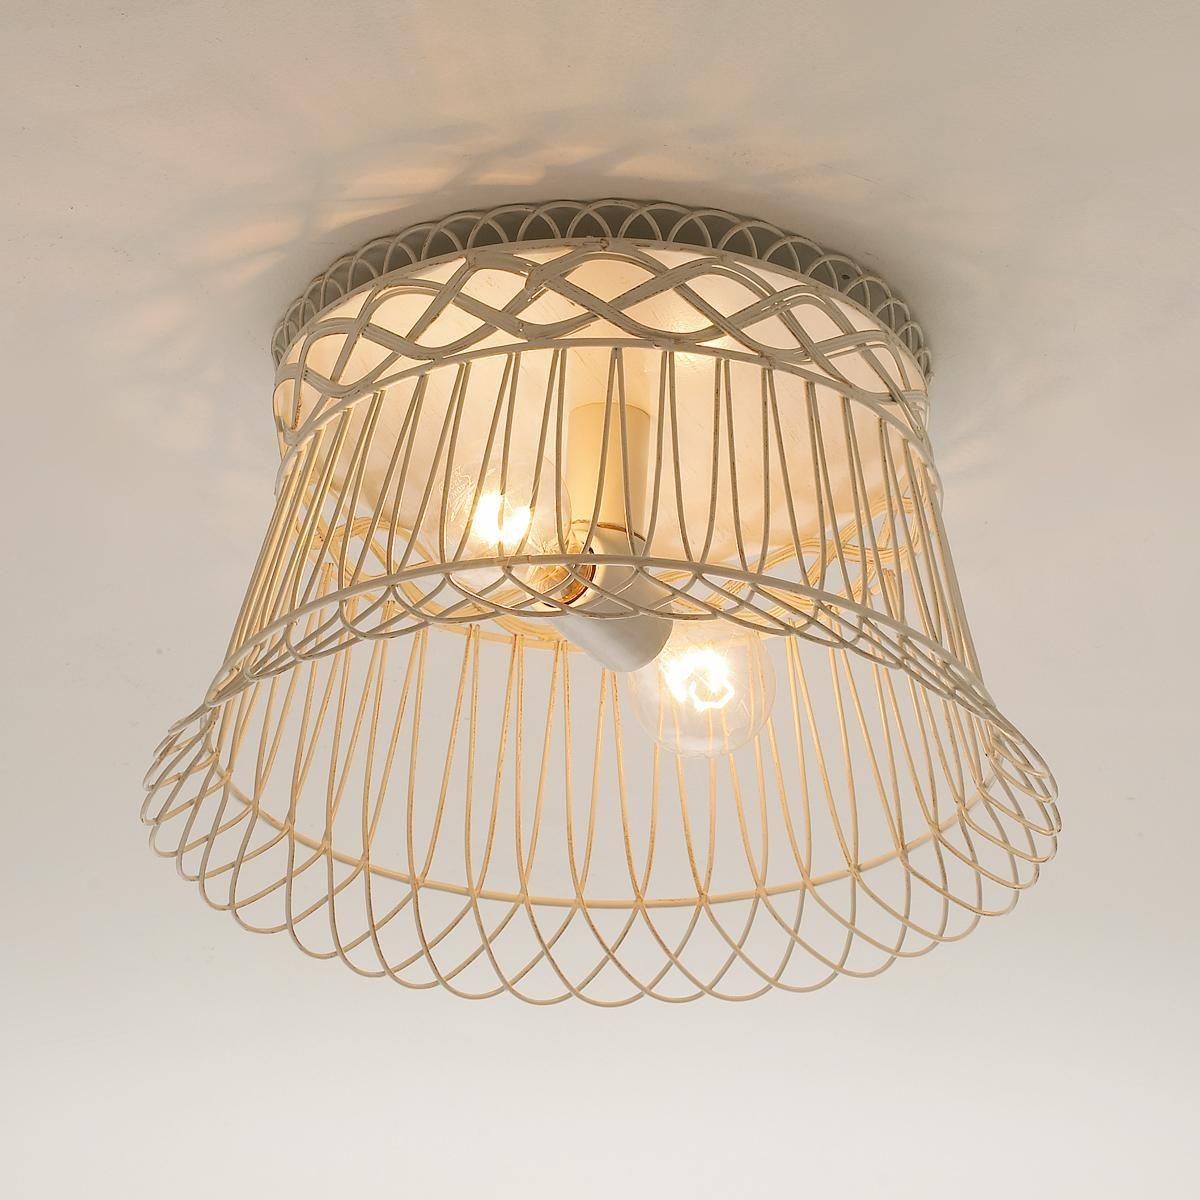 vintage wire basket ceiling light. (shades of light: $149) i